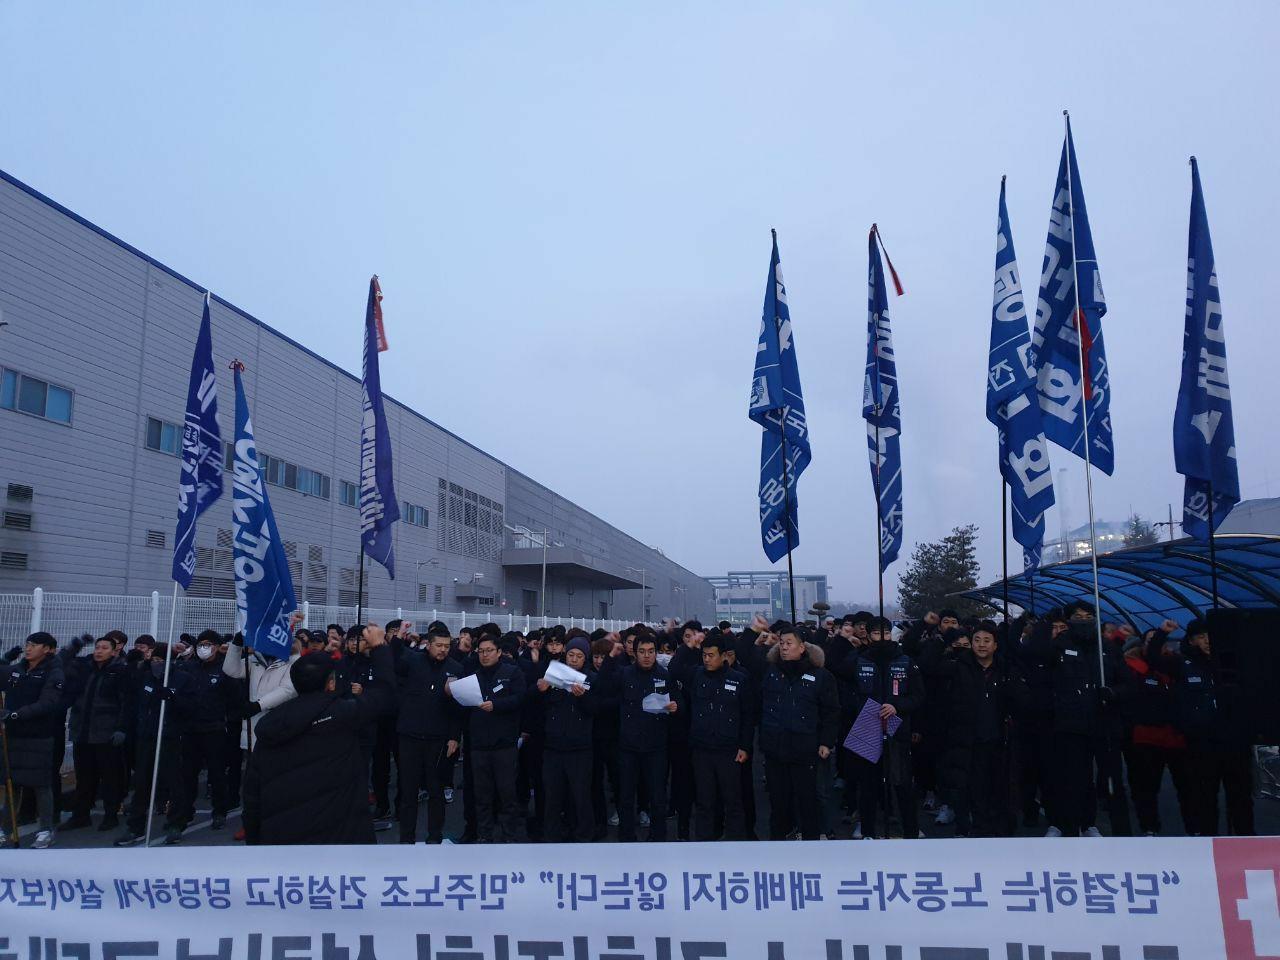 2 2019.12.11. 설립 보고대회 [출처 지회].jpg